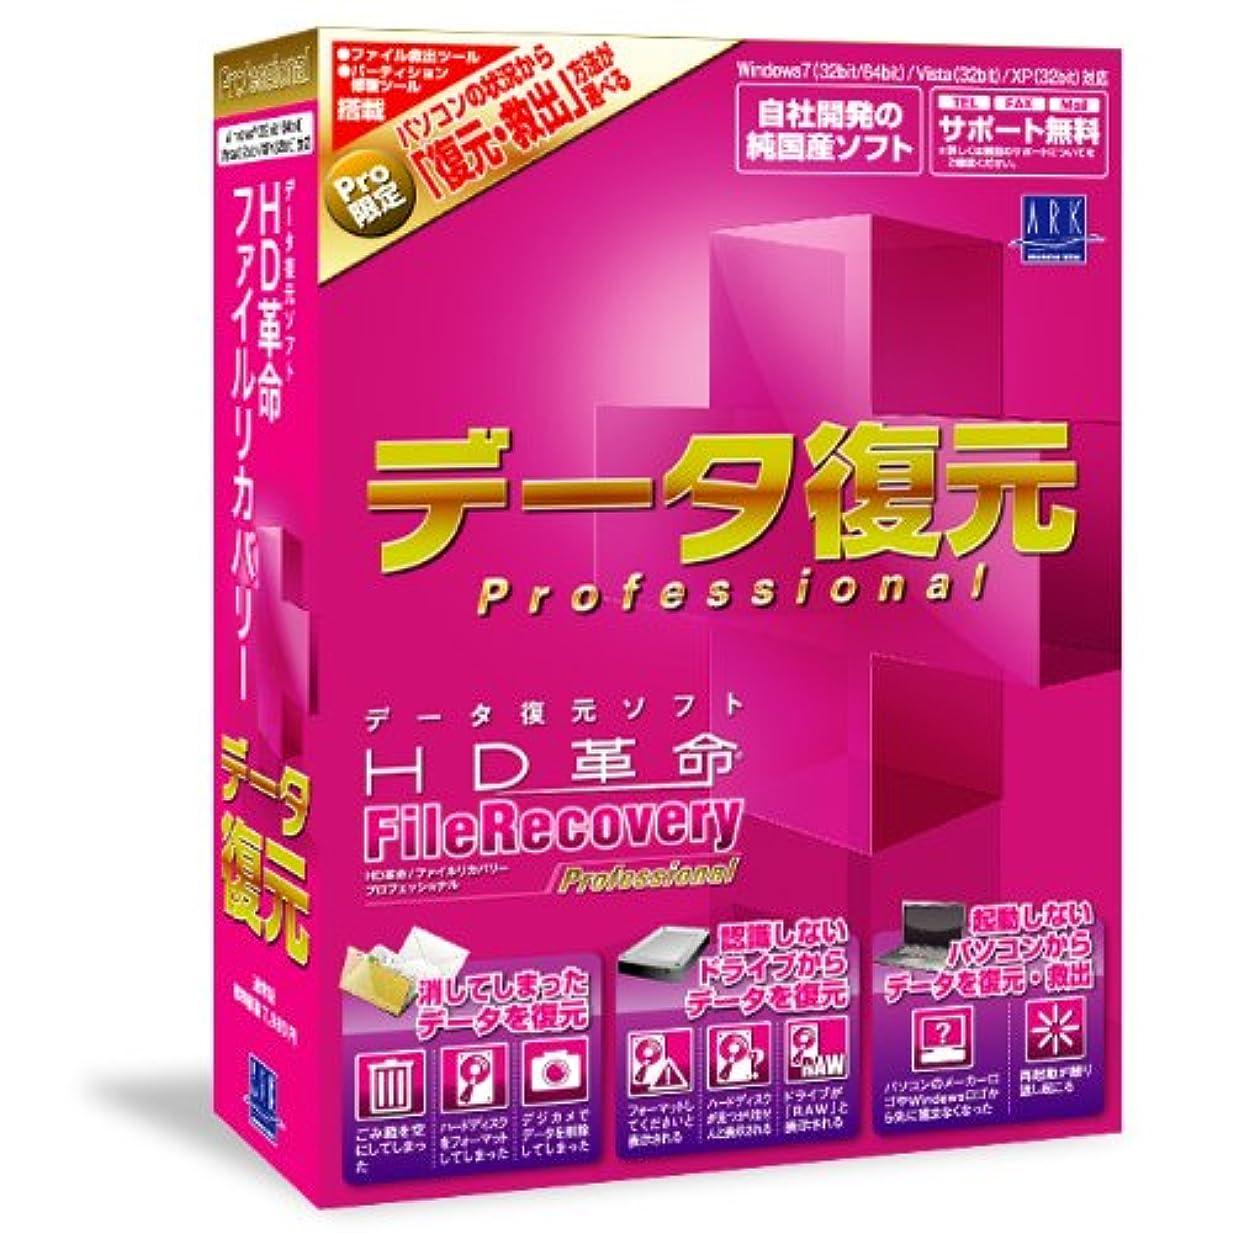 ほこり滝戦いHD革命/FileRecovery Professional 通常版